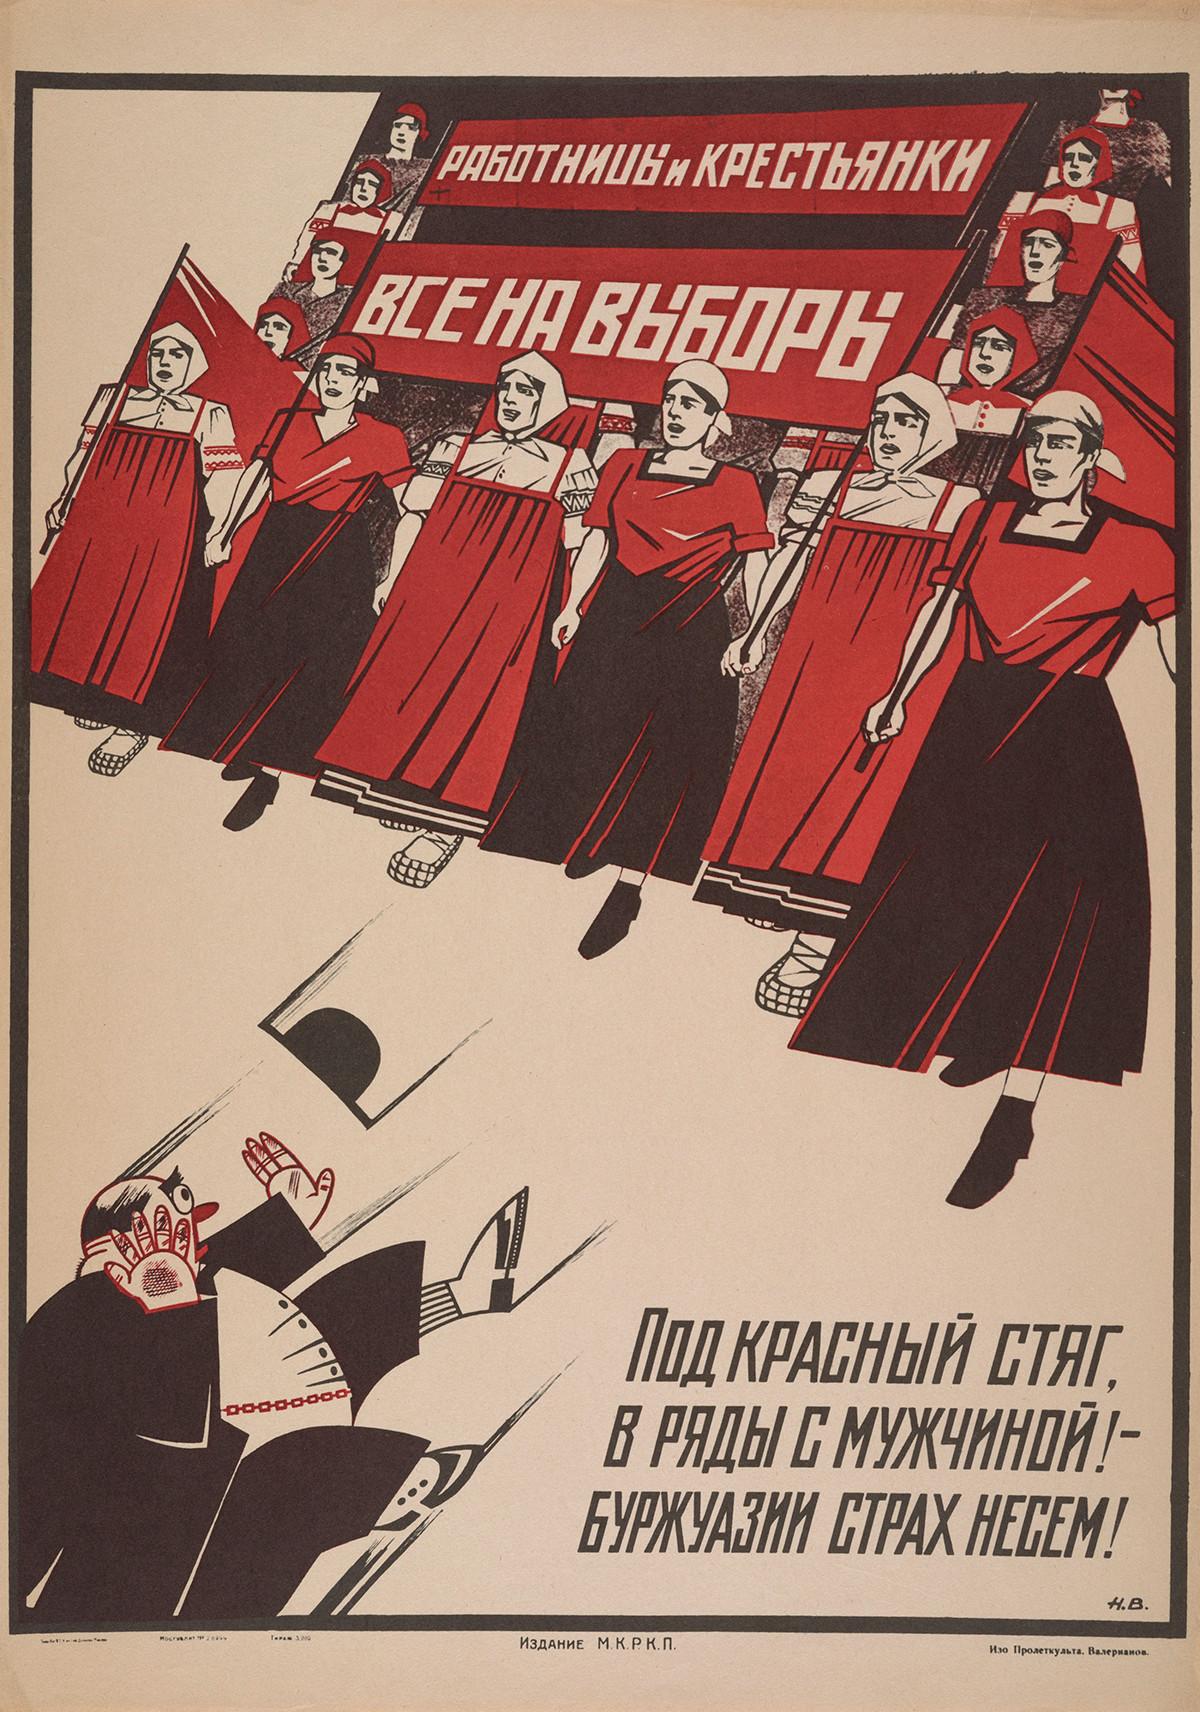 « Travailleuses et paysannes. Toutes aux élections. Sous la bannière rouge en rangs avec l'homme – nous apportons la peur à la bourgeoisie ! »